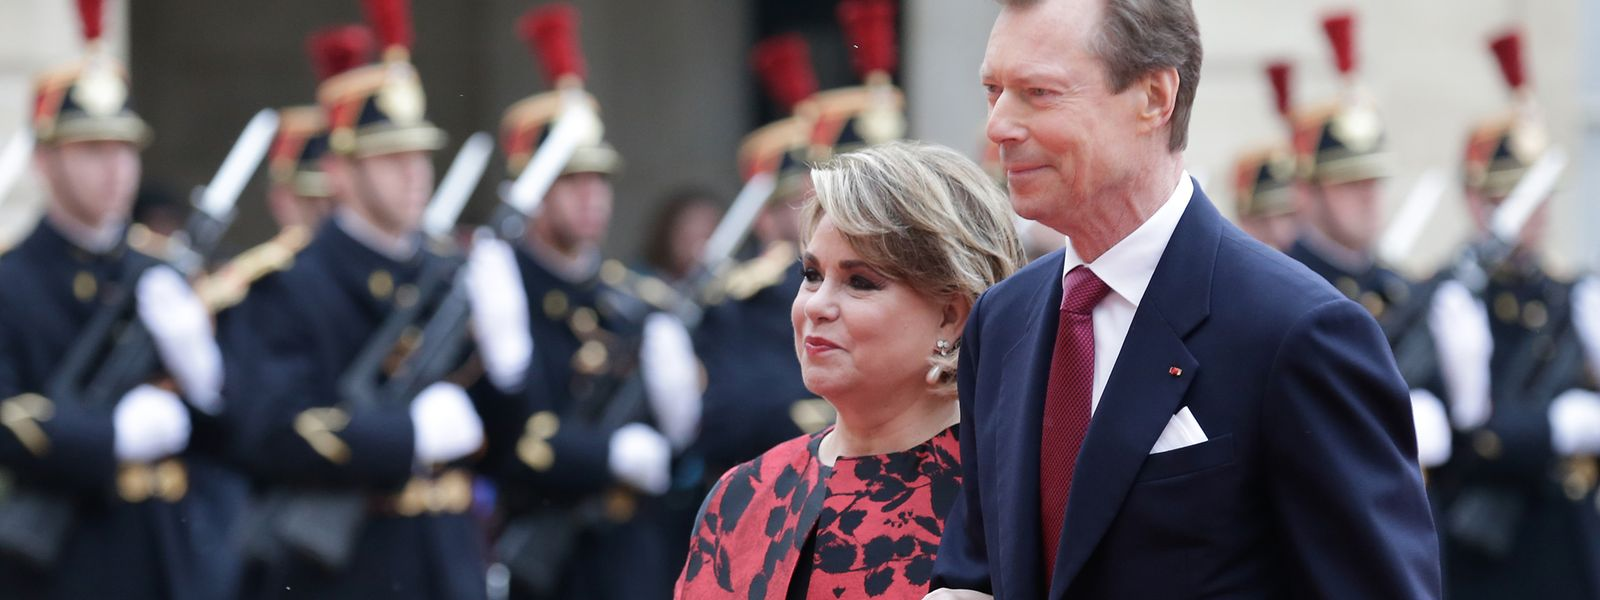 Le Grand-Duc Henri et la Grande-Duchesse Maria Teresa voient le budget alloué par l'Etat diminuer pour 2020.